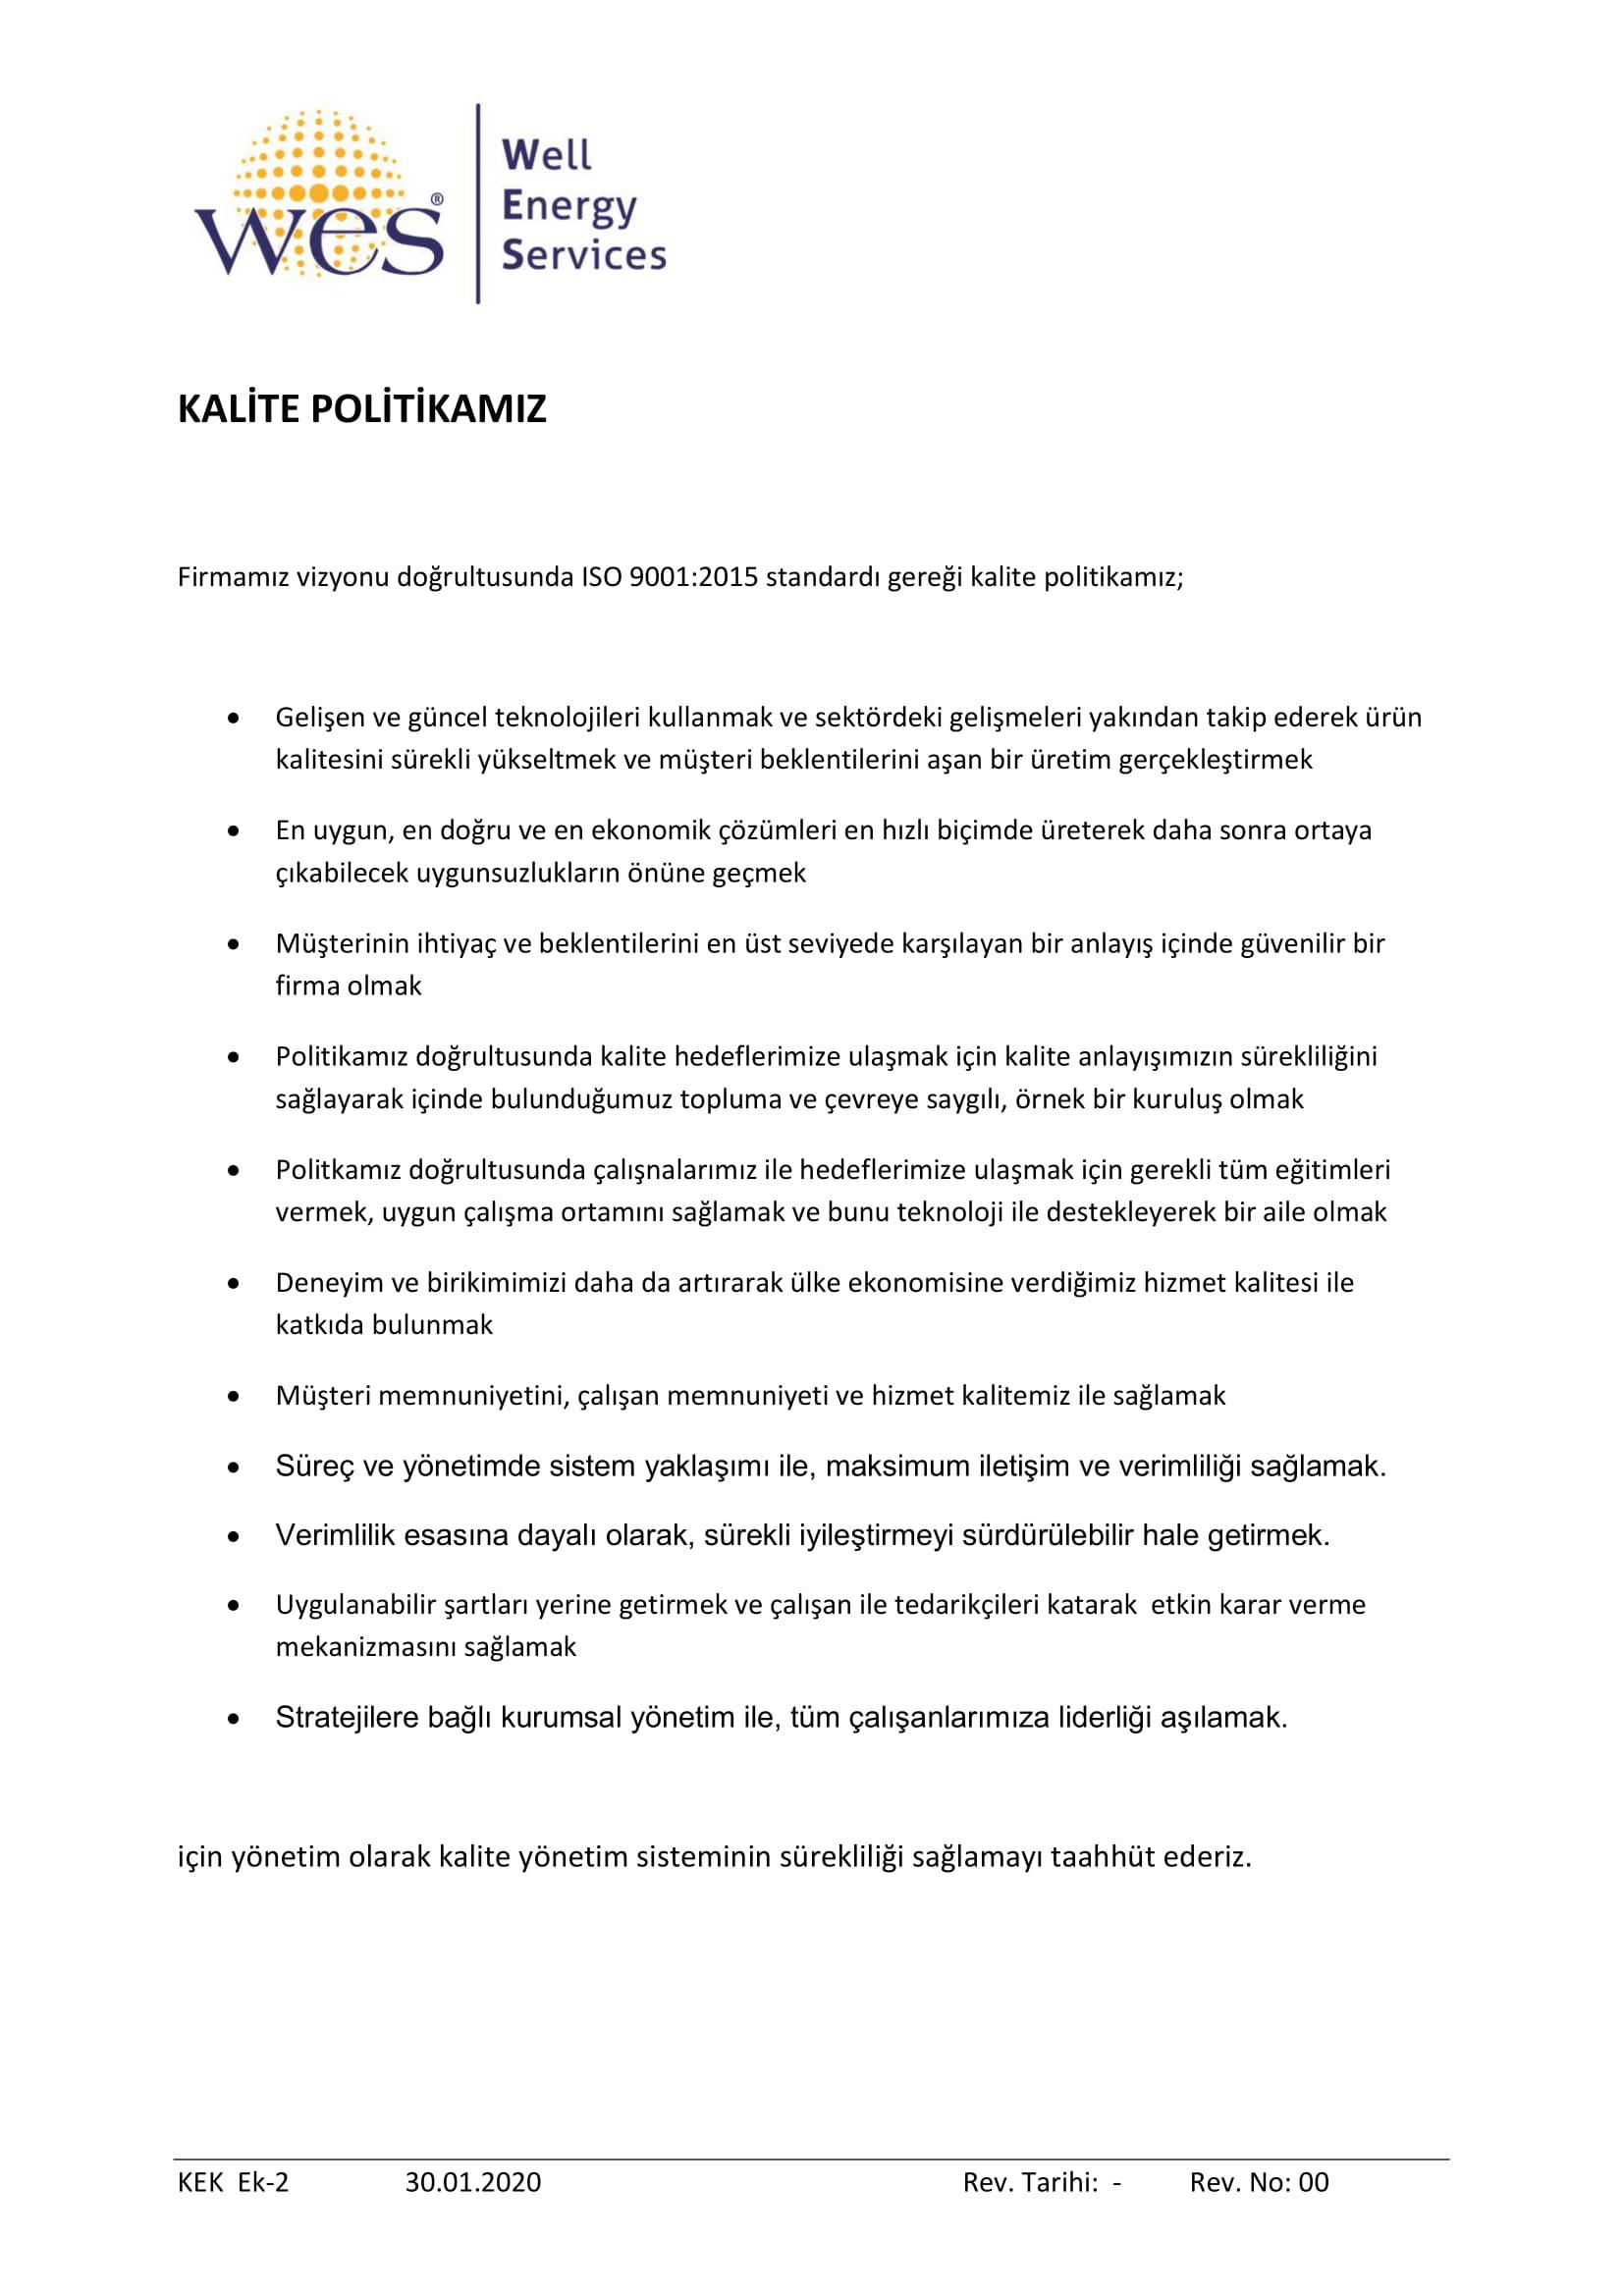 WES Kalite Politikası tükçe-1